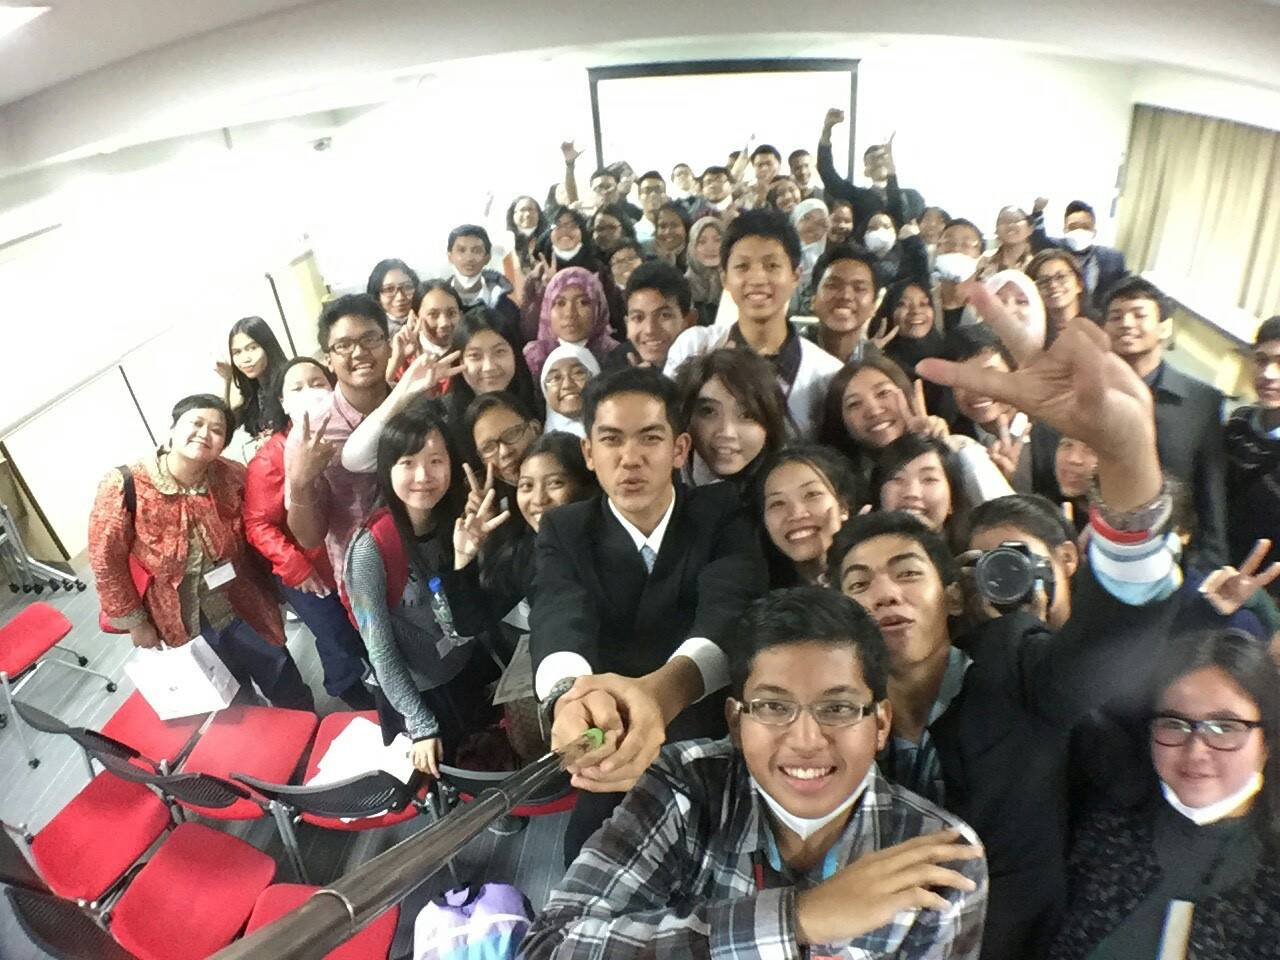 Seluruh peserta Jenesys 2.0, baik dari Kamboja, Laos dan Indonesia, berfoto menggunakan tongsis!:p